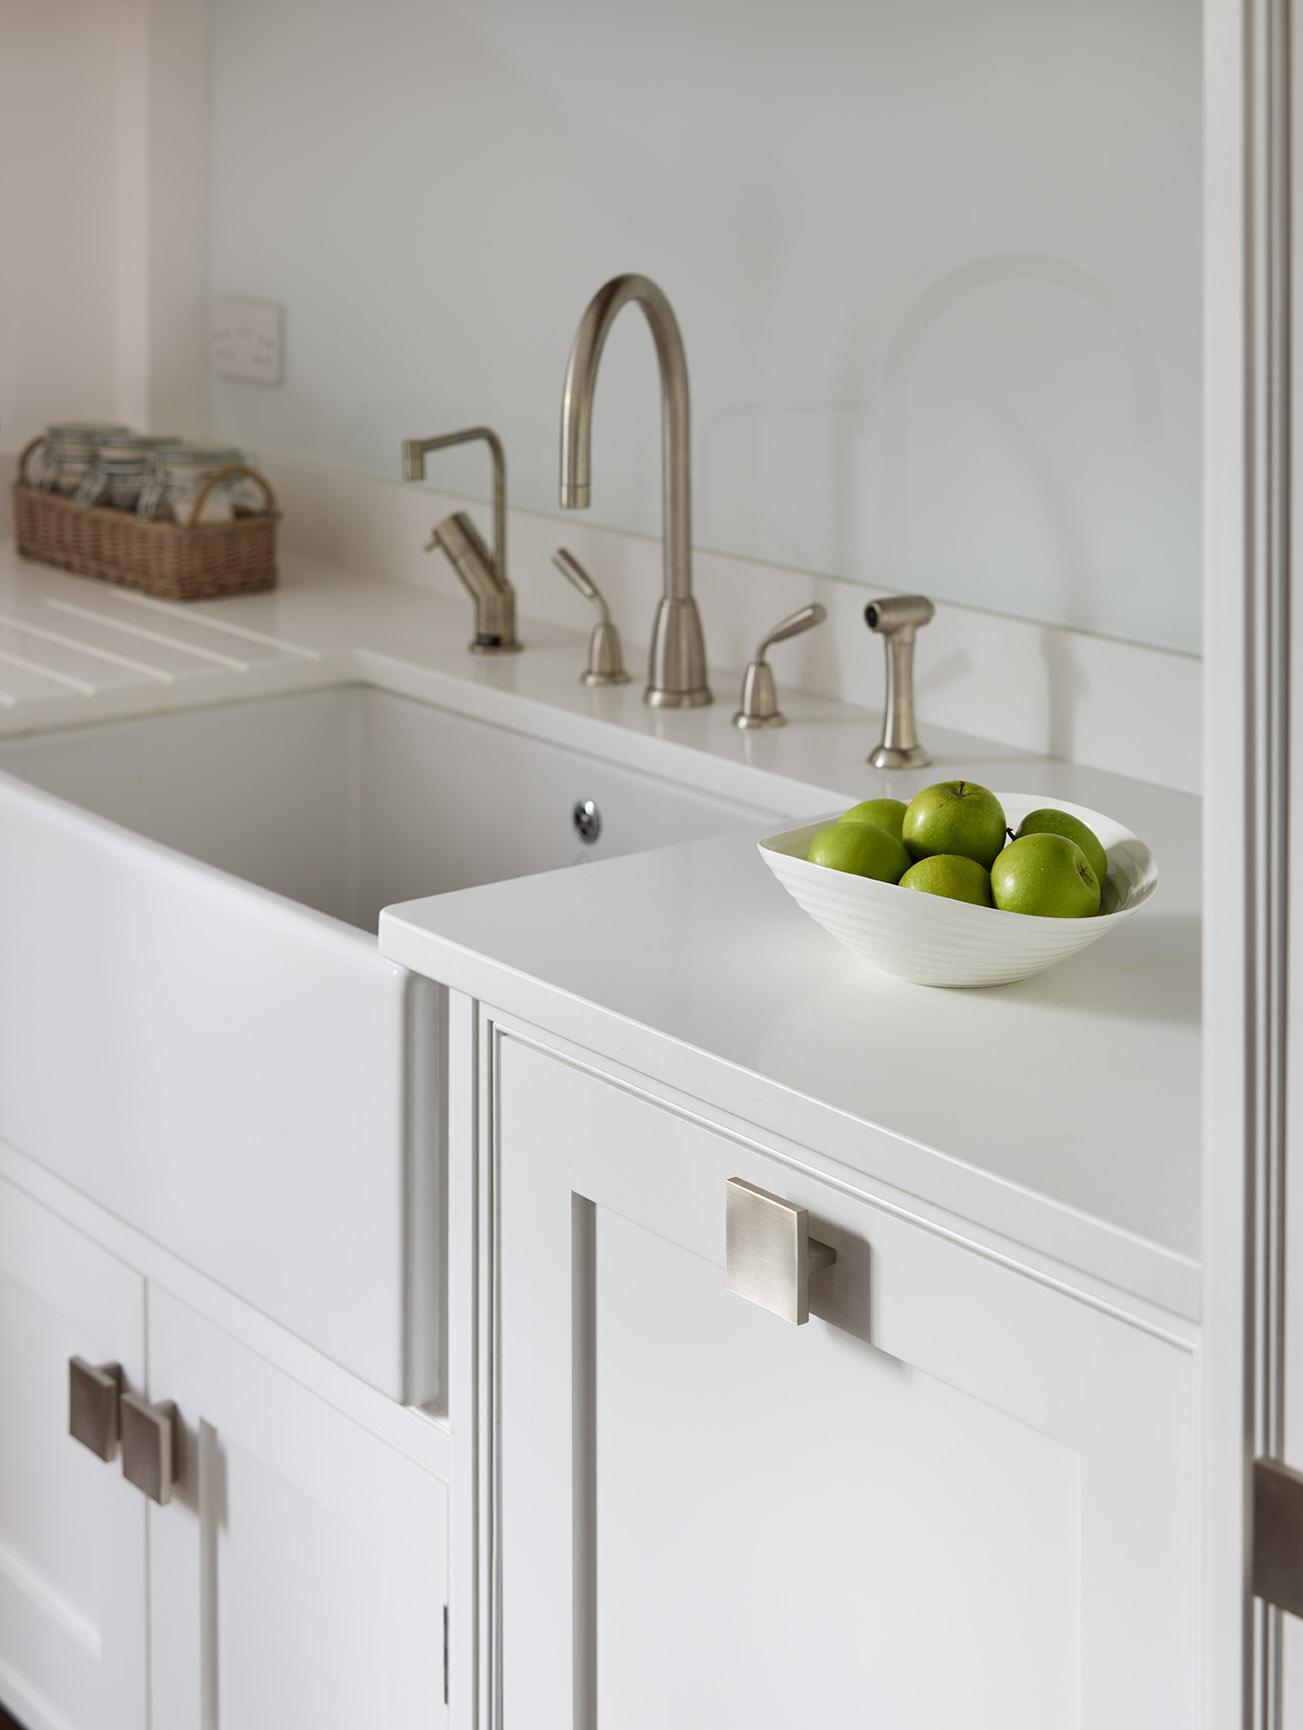 Stoke Goldington - Comtemporary kitchen with white farm sink